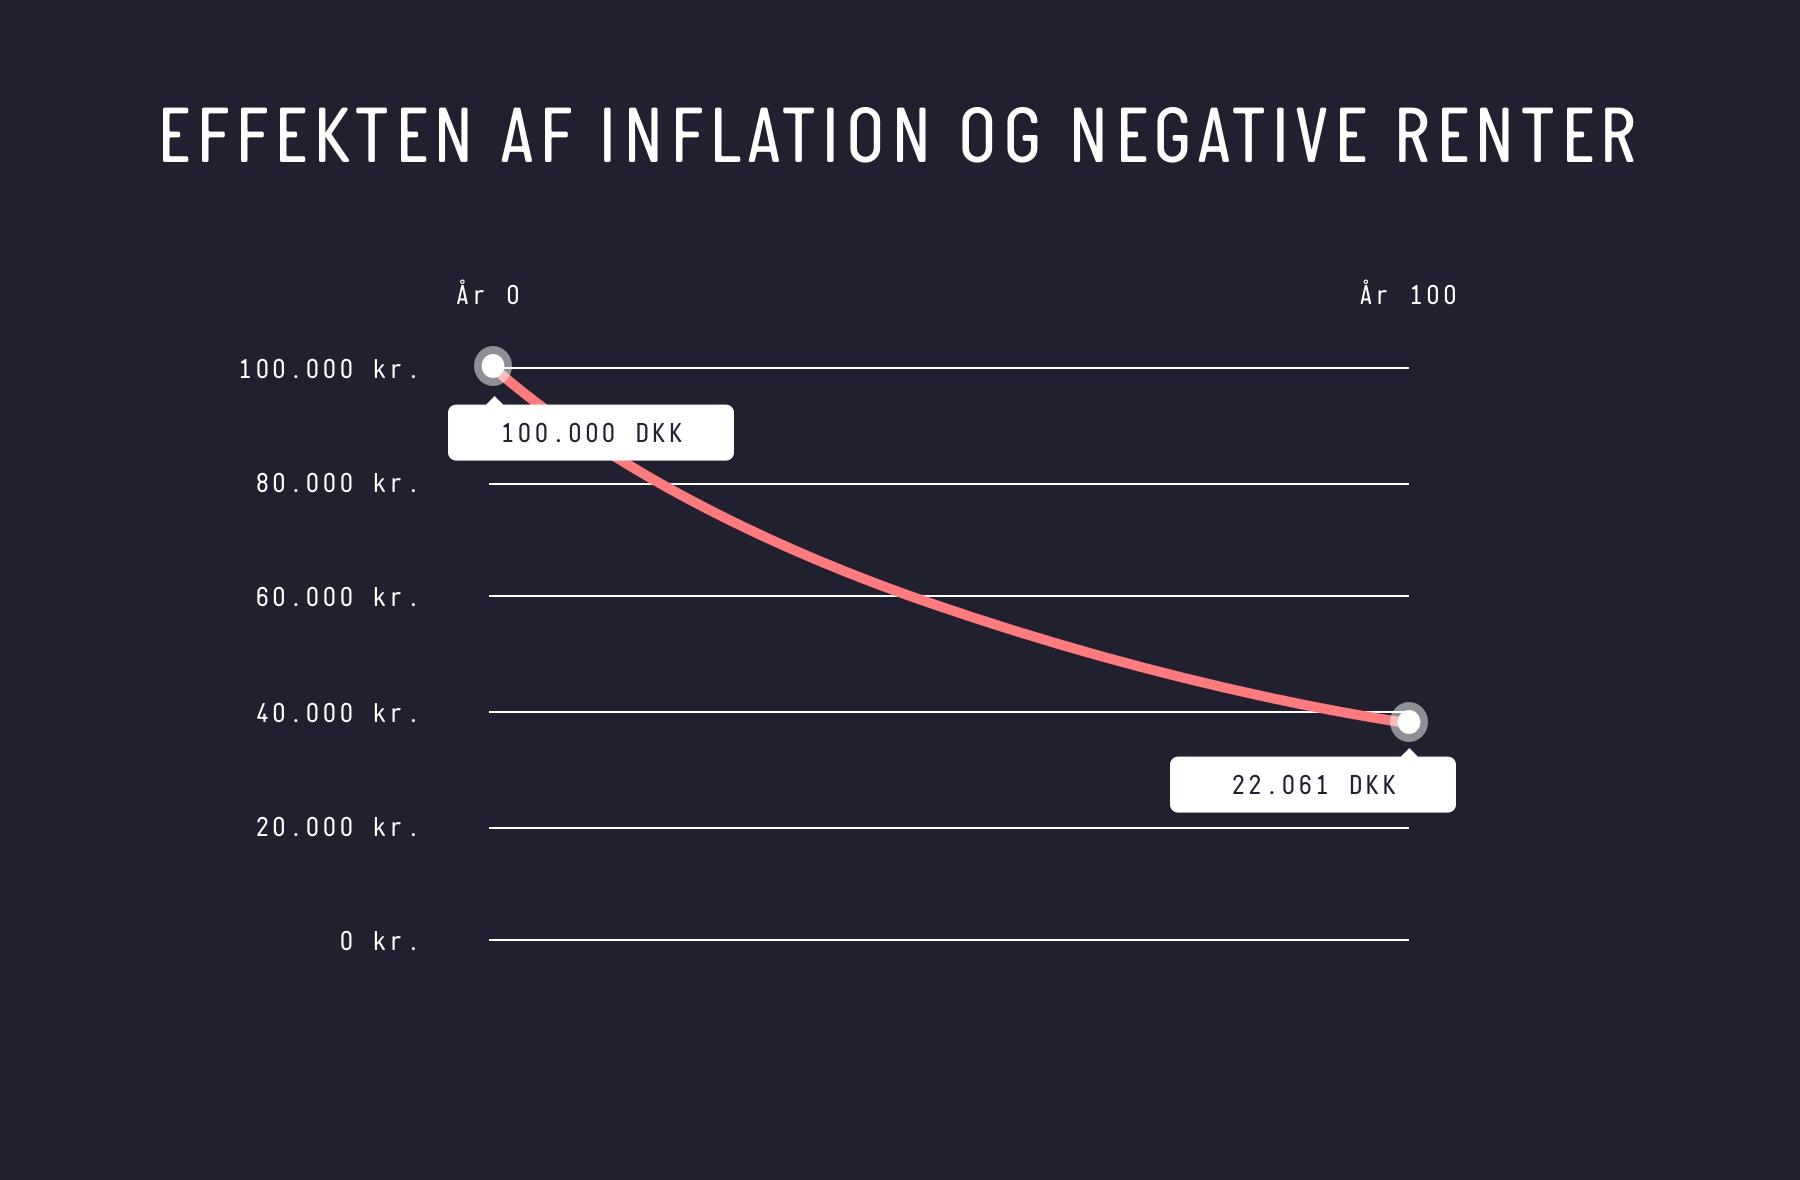 Effekten af inflation og negative renter